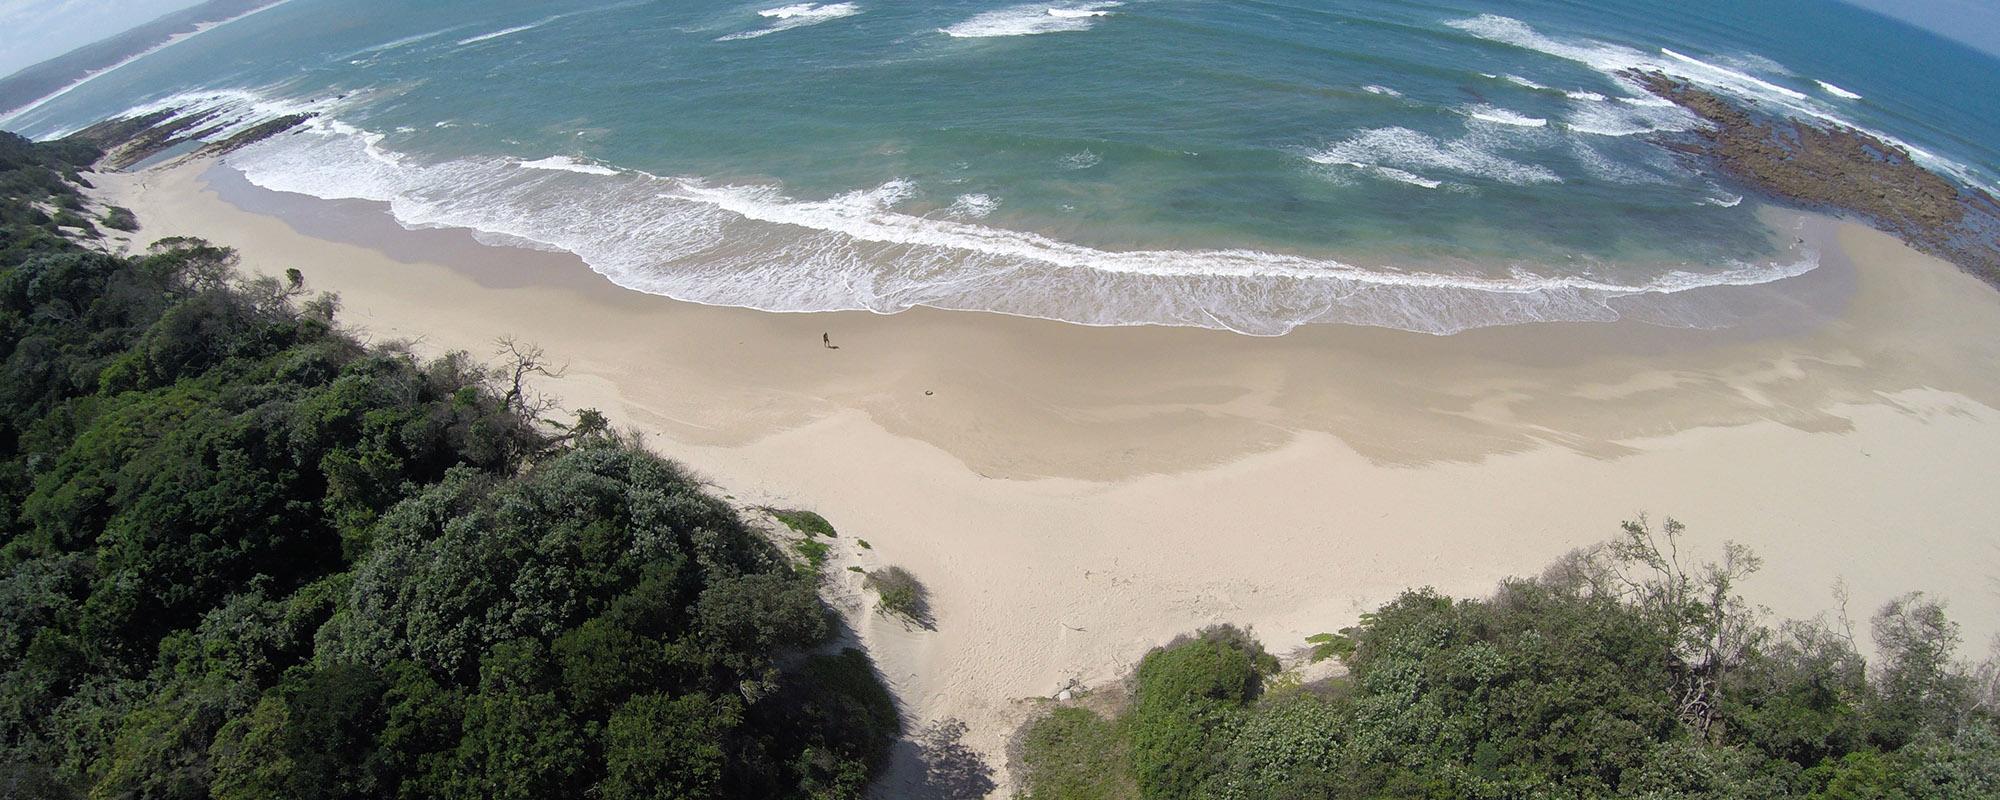 BeachKaya beach